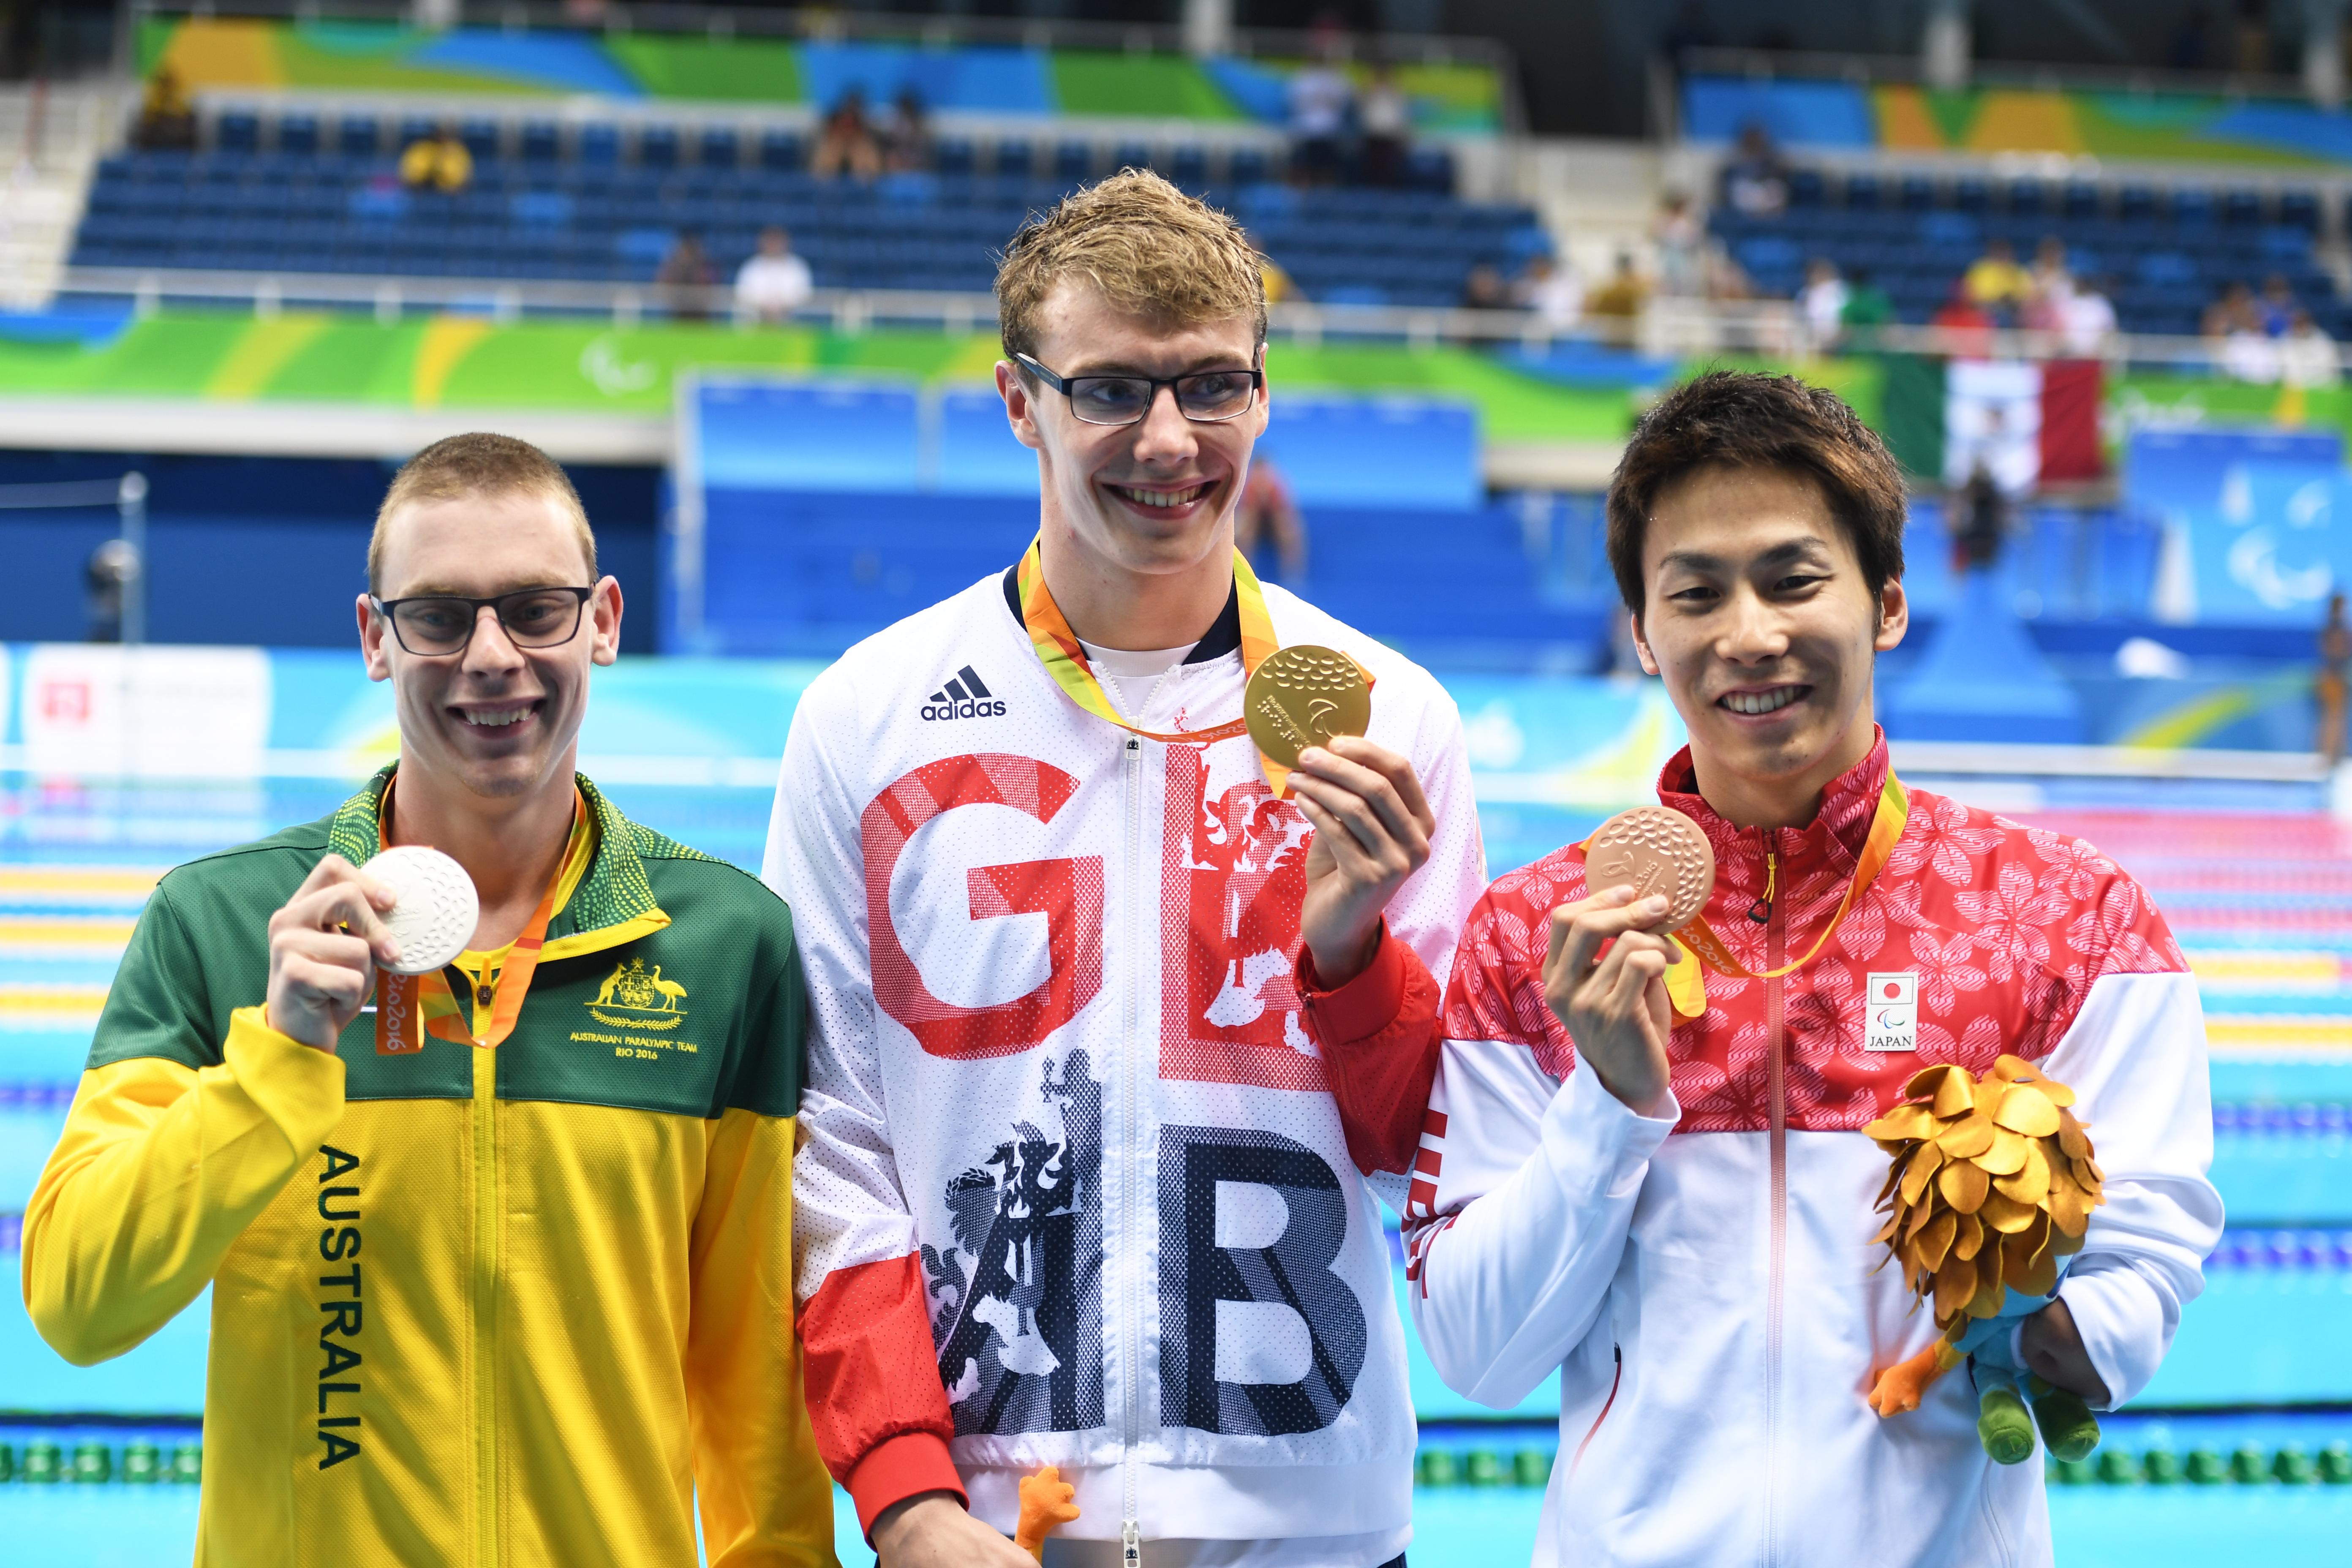 50メートル自由形(S9)の表彰式。1位Wylie Matthew、2位DiskenTmothy、3位 山田拓朗 写真・西川隼矢